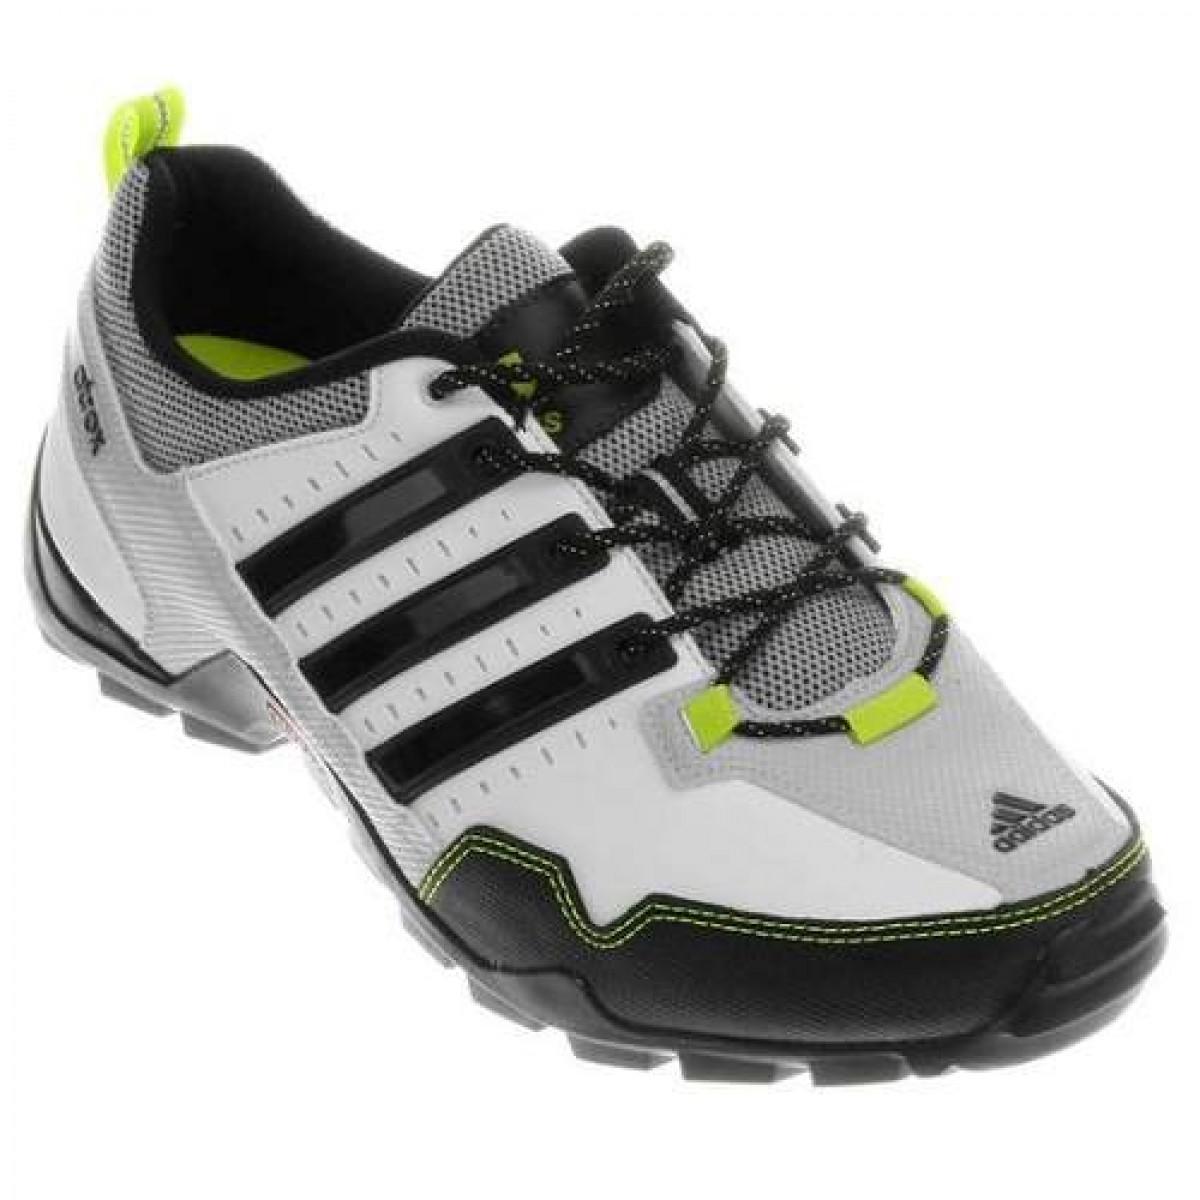 Tênis Masculino Adidas Atrox - Compre Agora  77bd83d6989c7